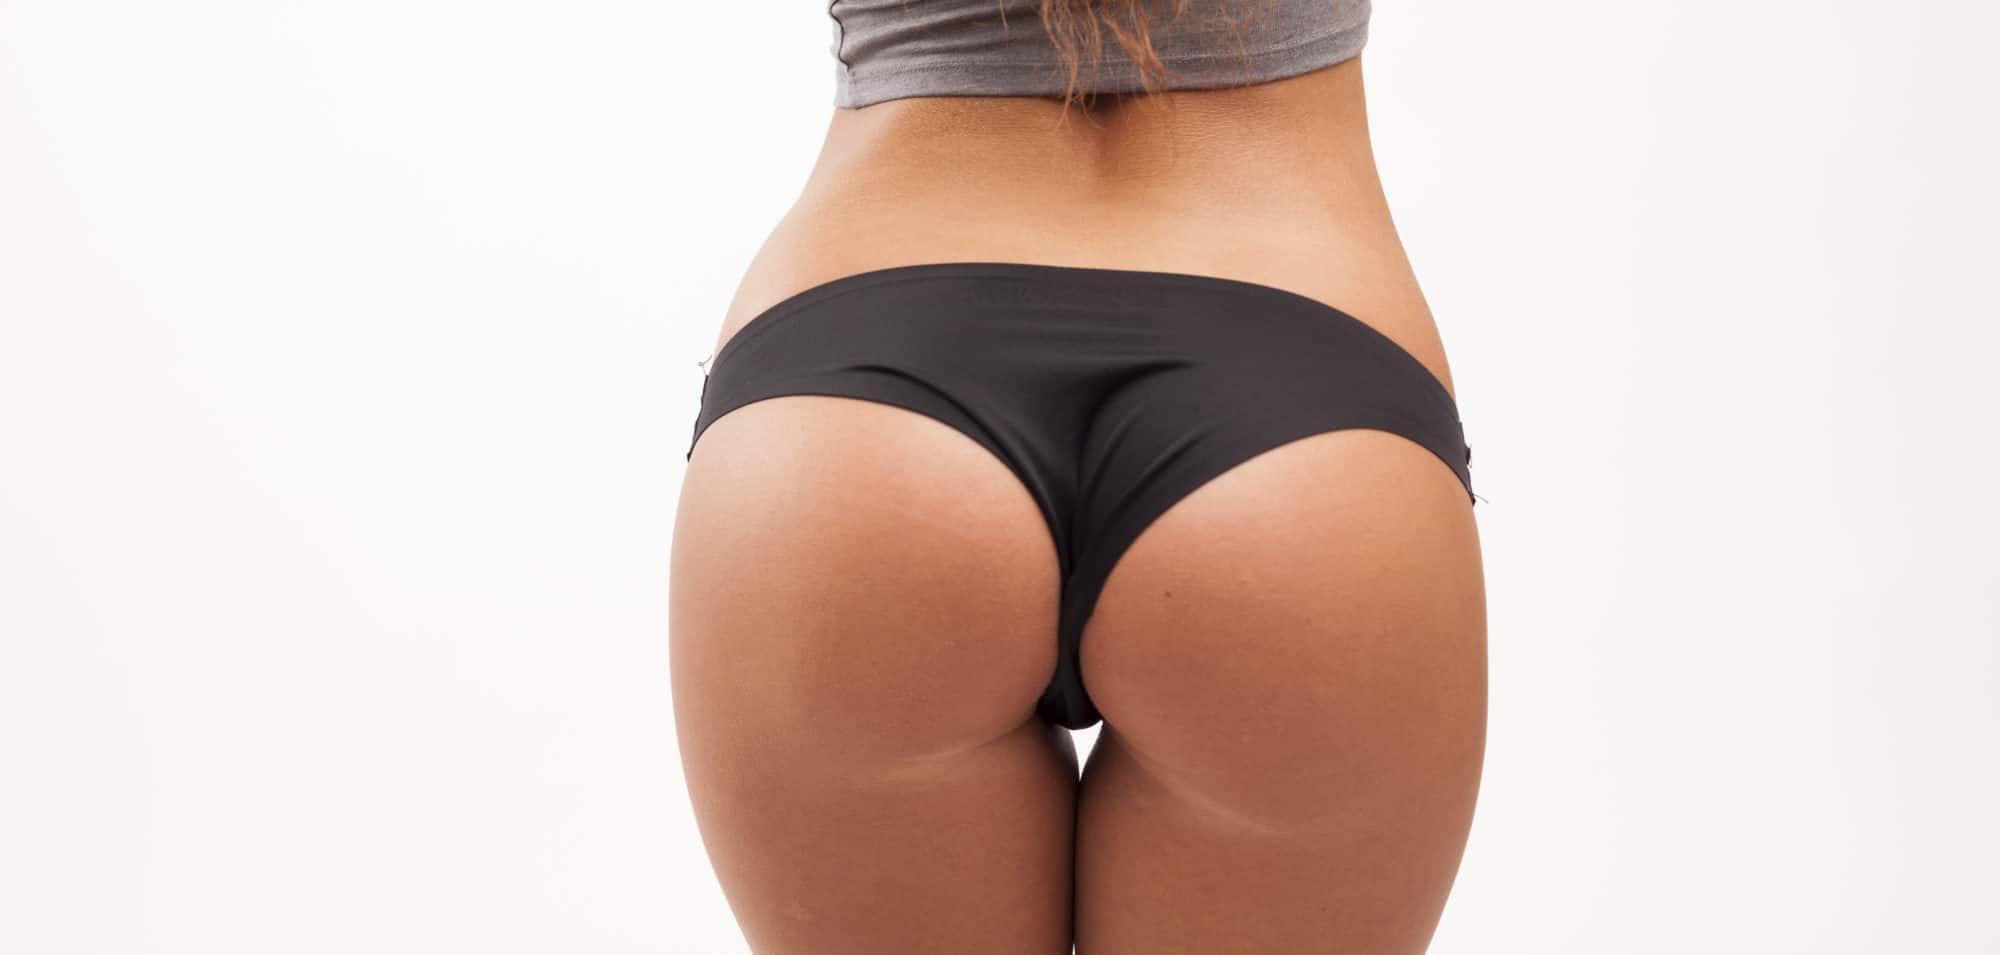 Buttock Augmentation - Fat Transfer to Buttocks Melbourne